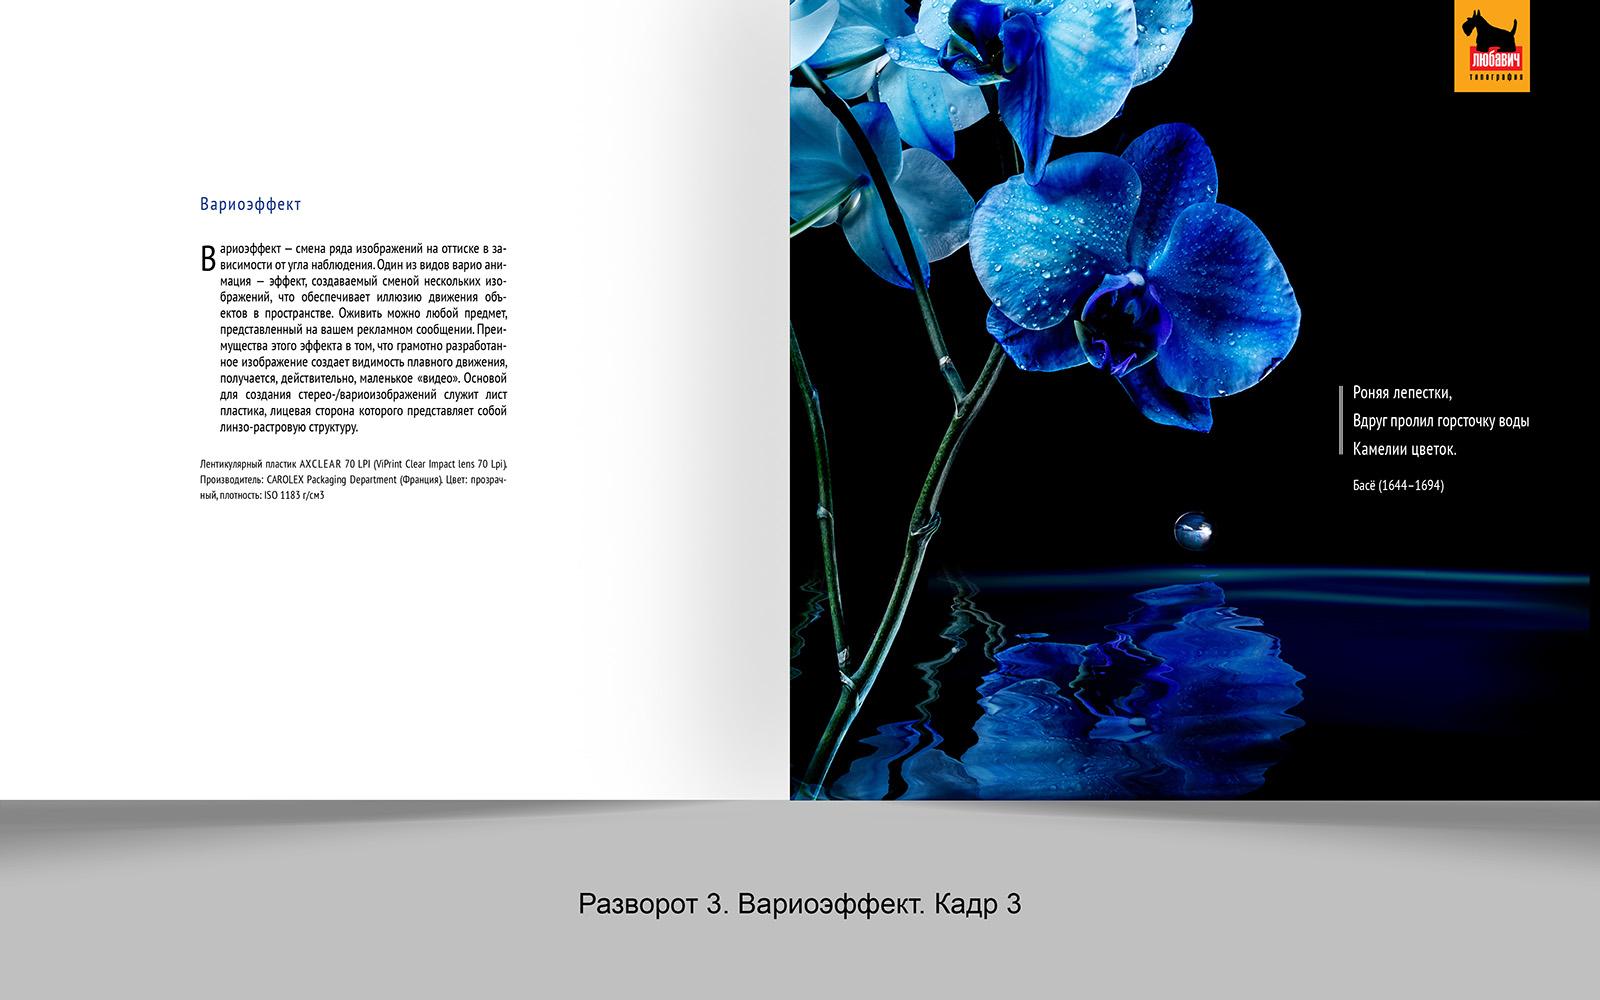 Дизайн рекламной брошюры возможностей типографии фото f_4865648d4d4972b2.jpg